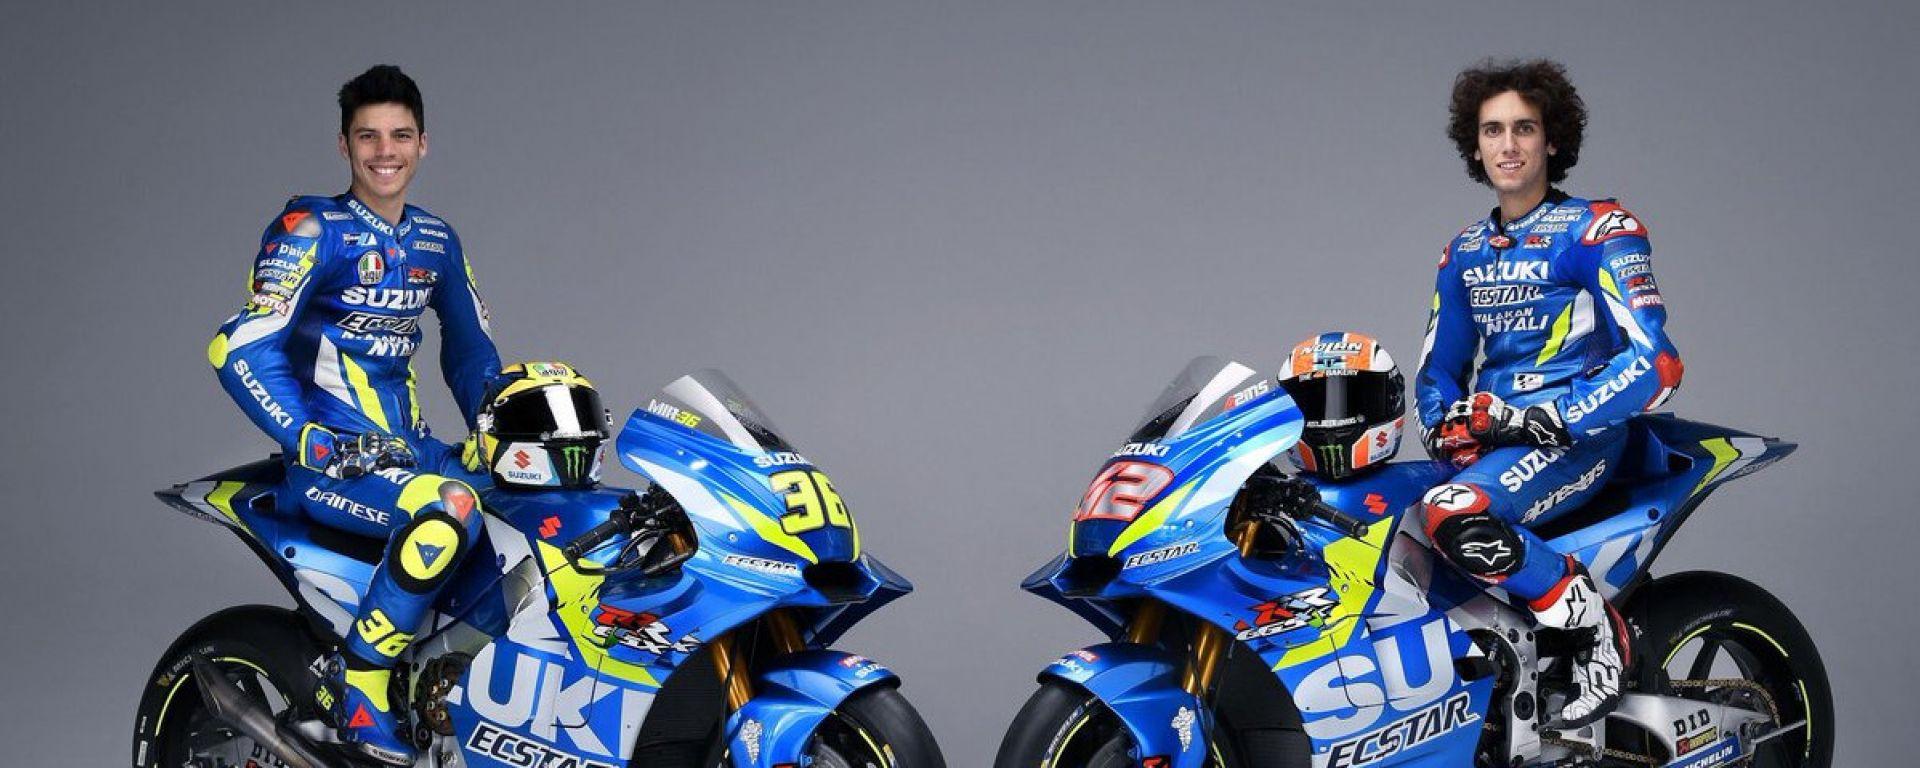 MotoGP 2019, presentata la Suzuki. Video, gallery e dichiarazioni